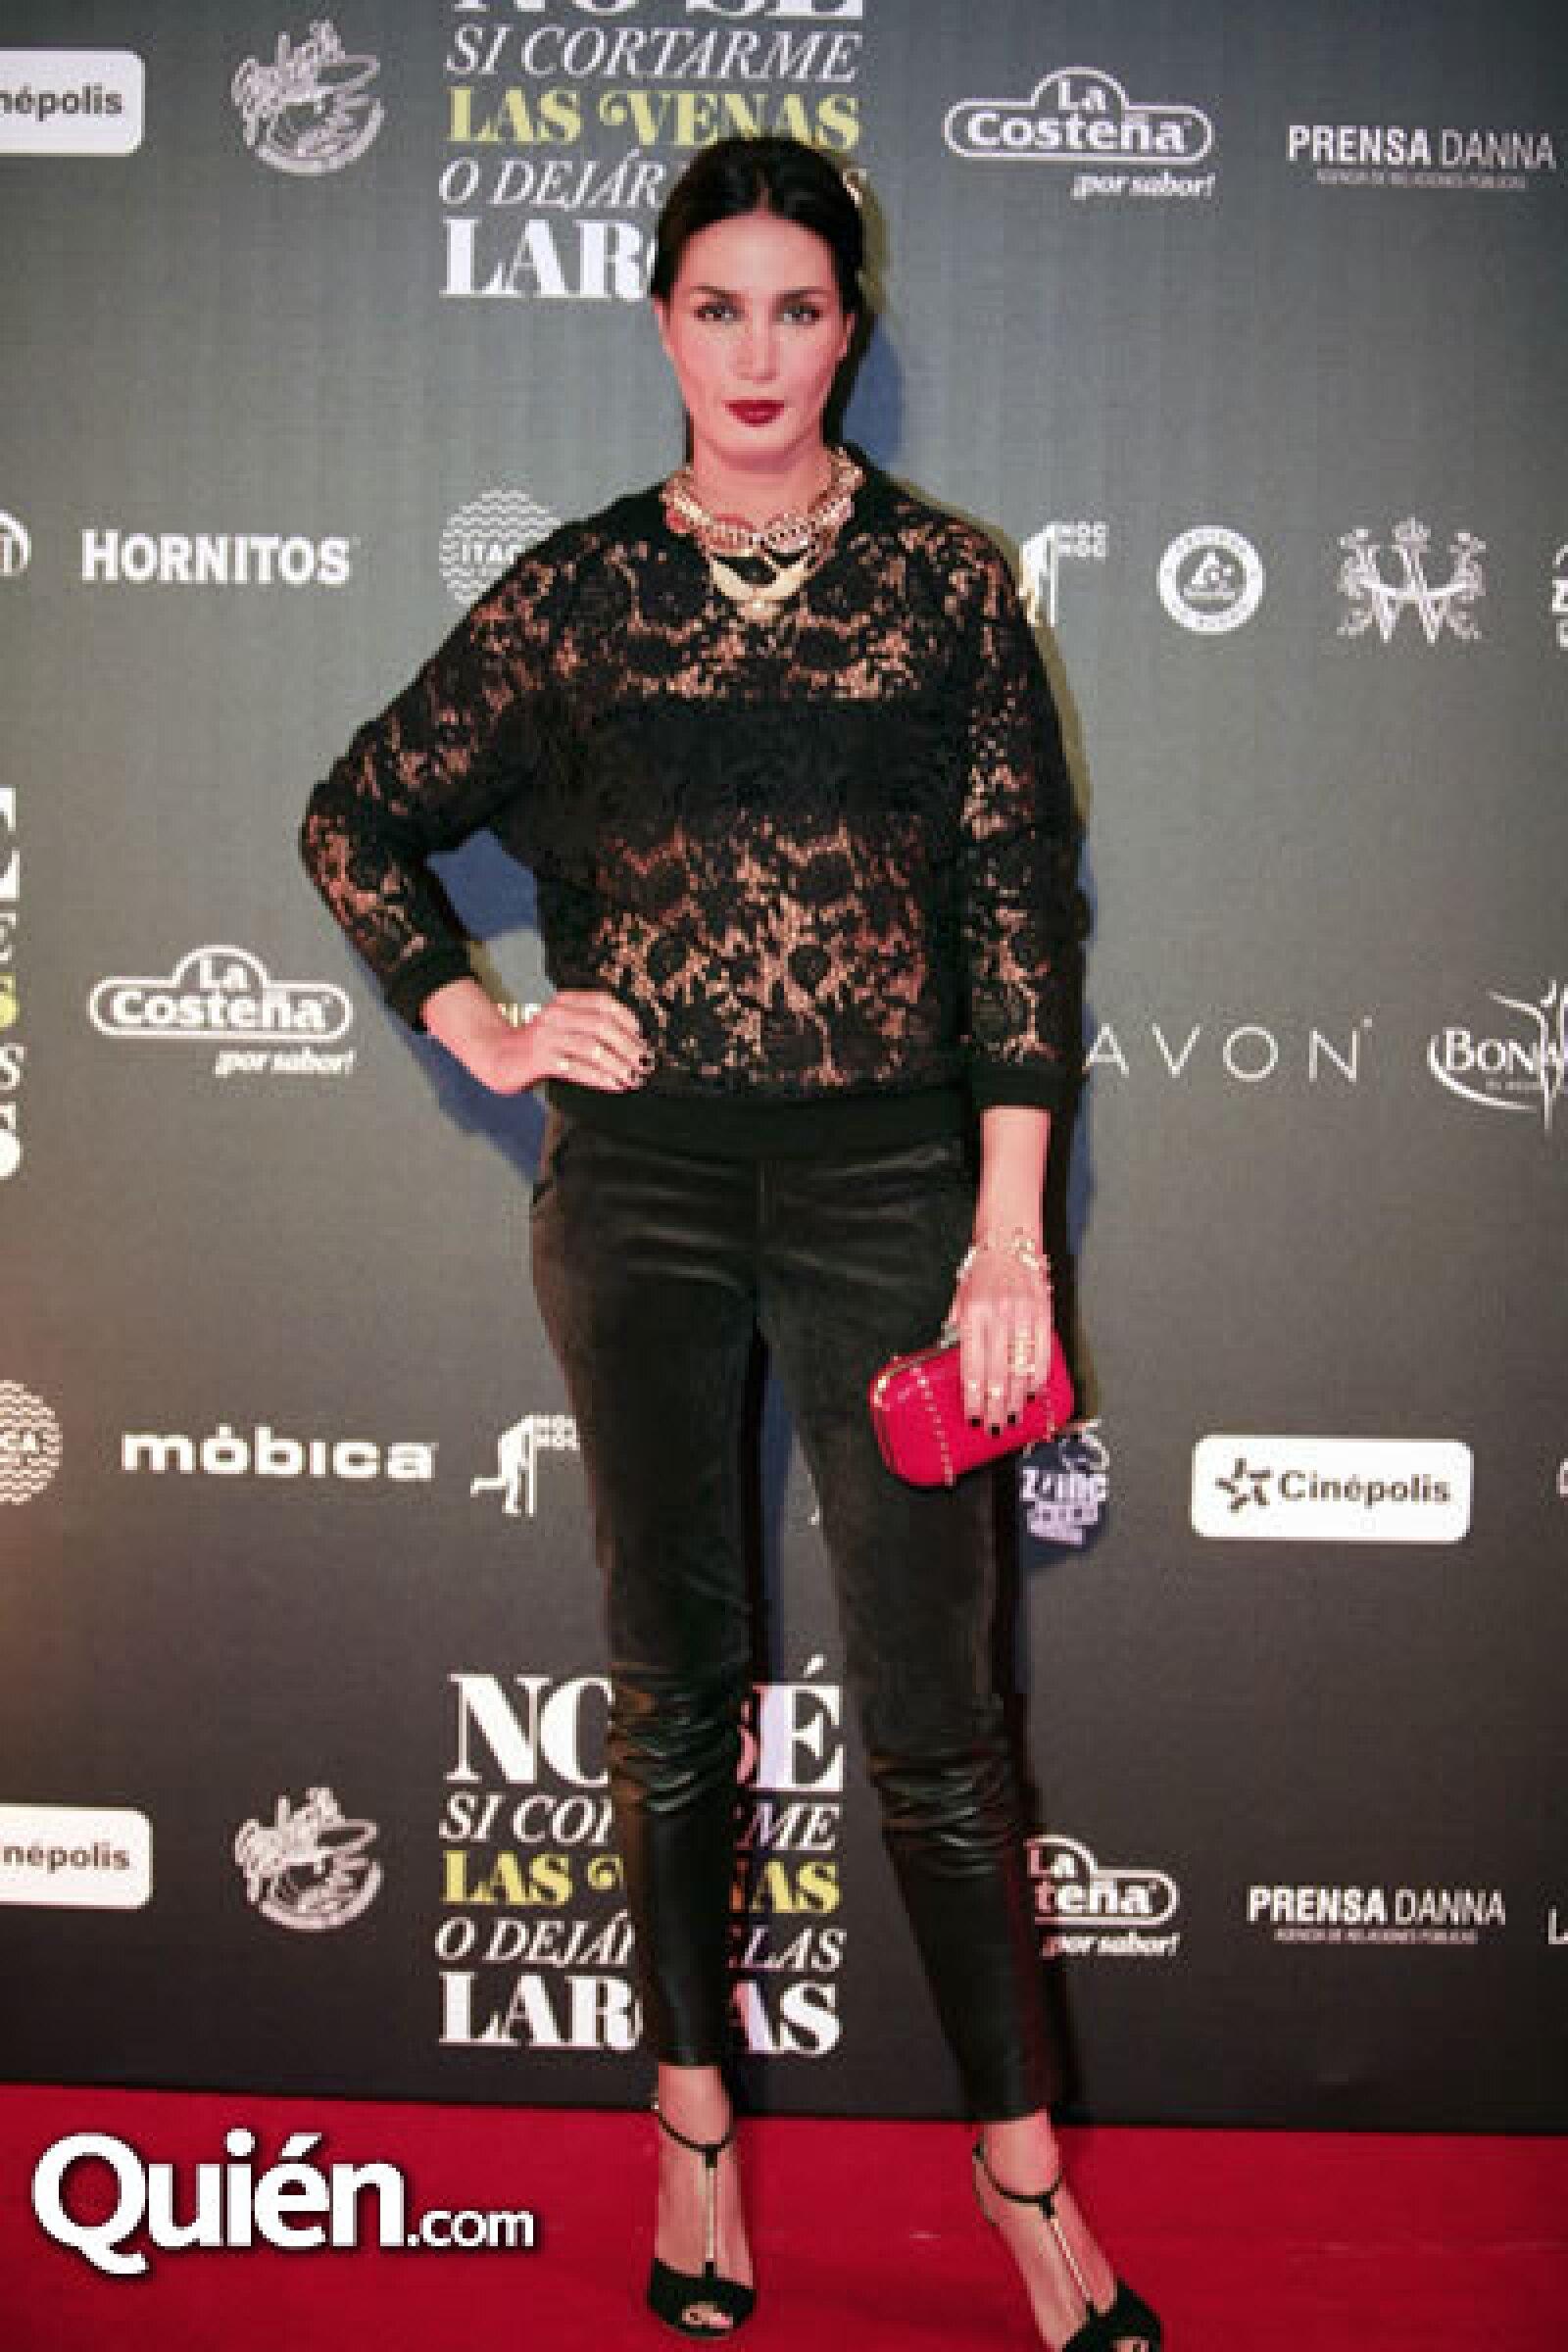 Martha Cristiana